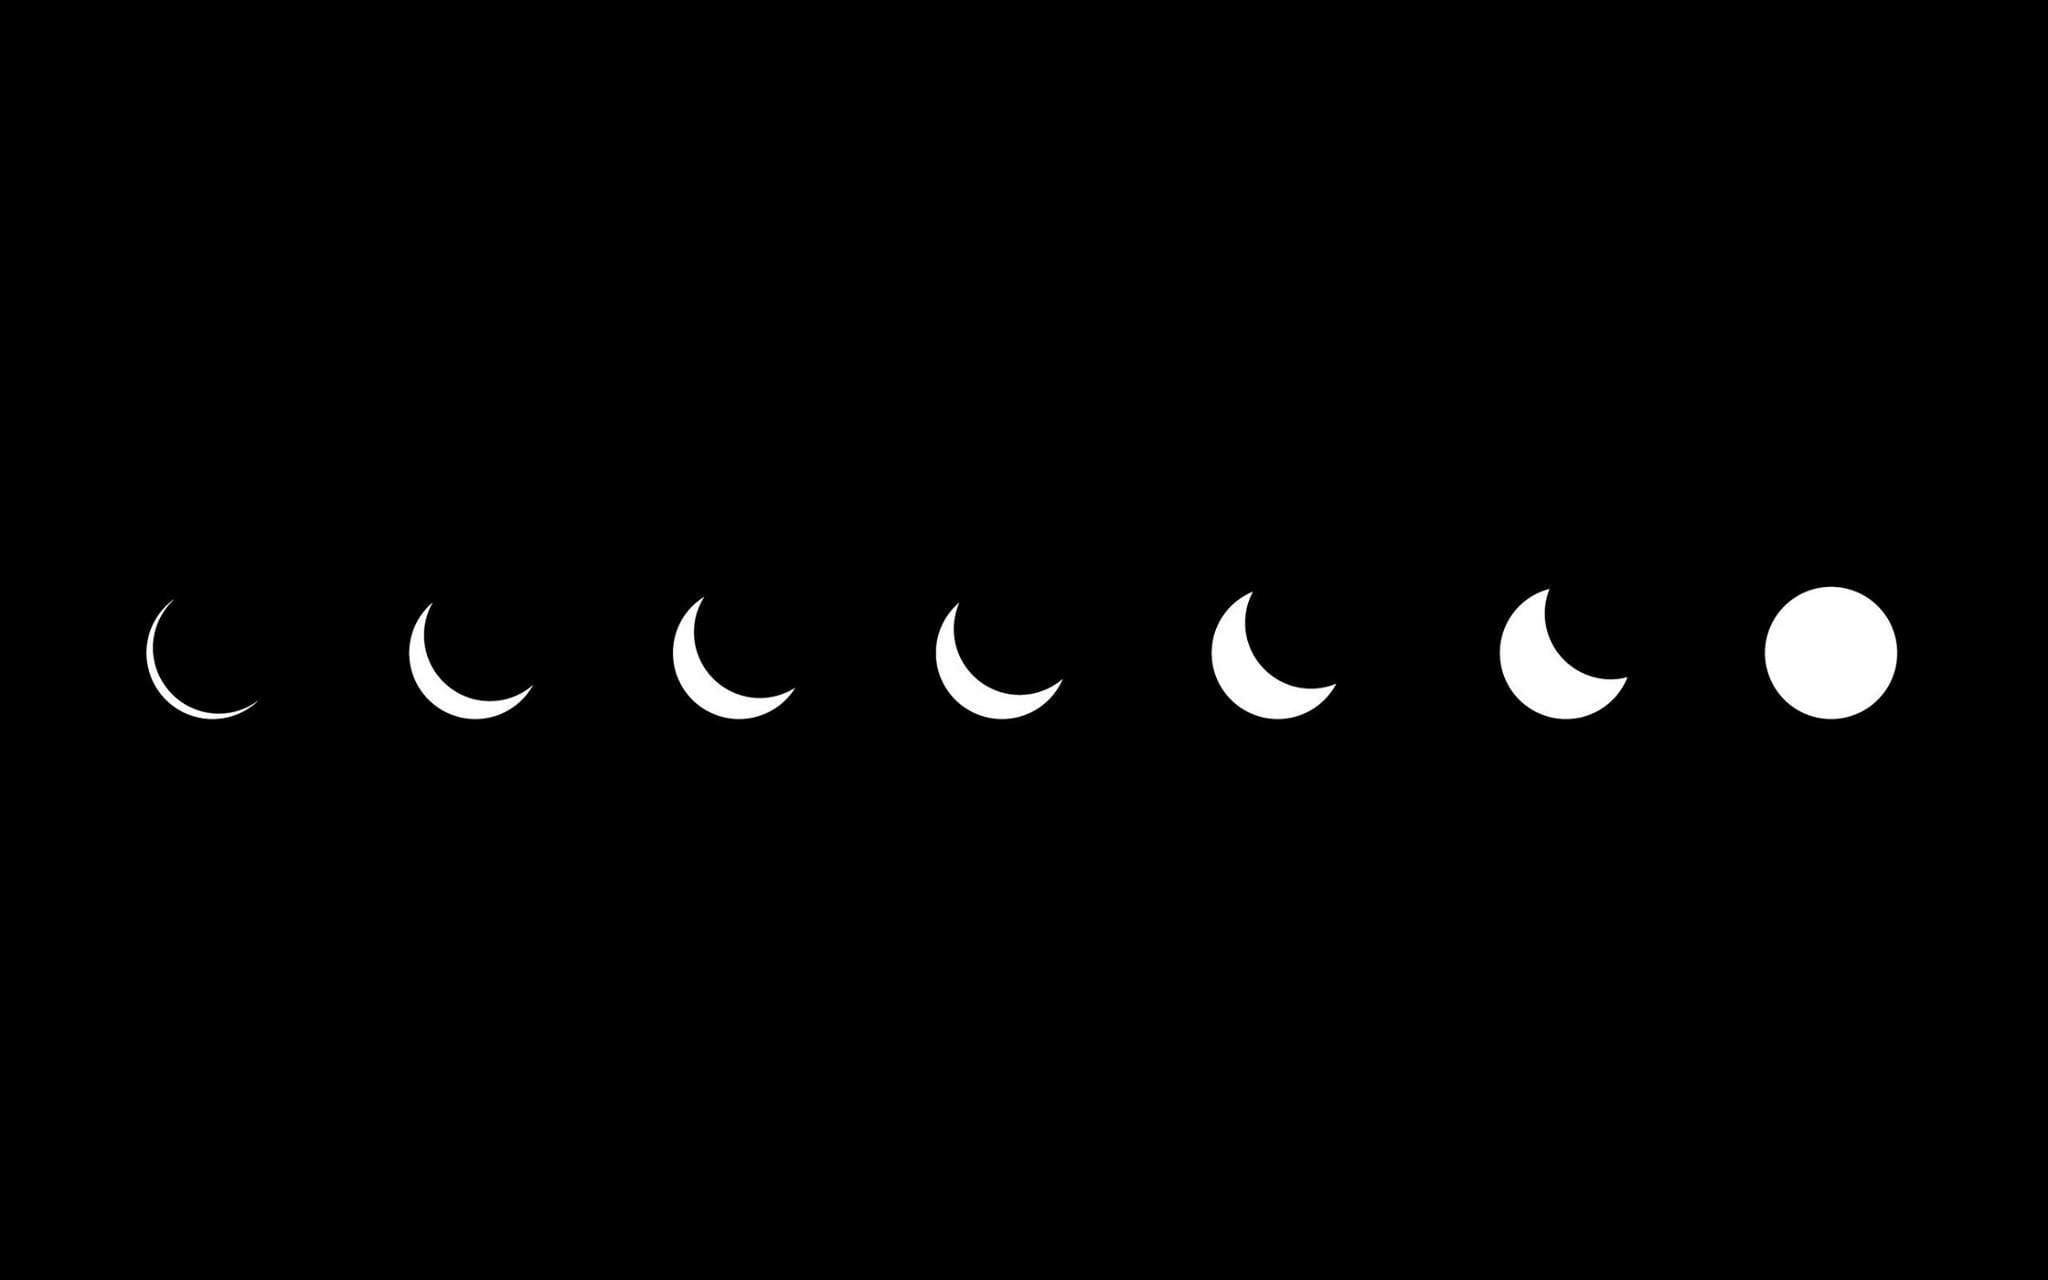 hình nền tối Đẹp nhất ❤️ 777+ Ảnh nền tối Đen cute 4k